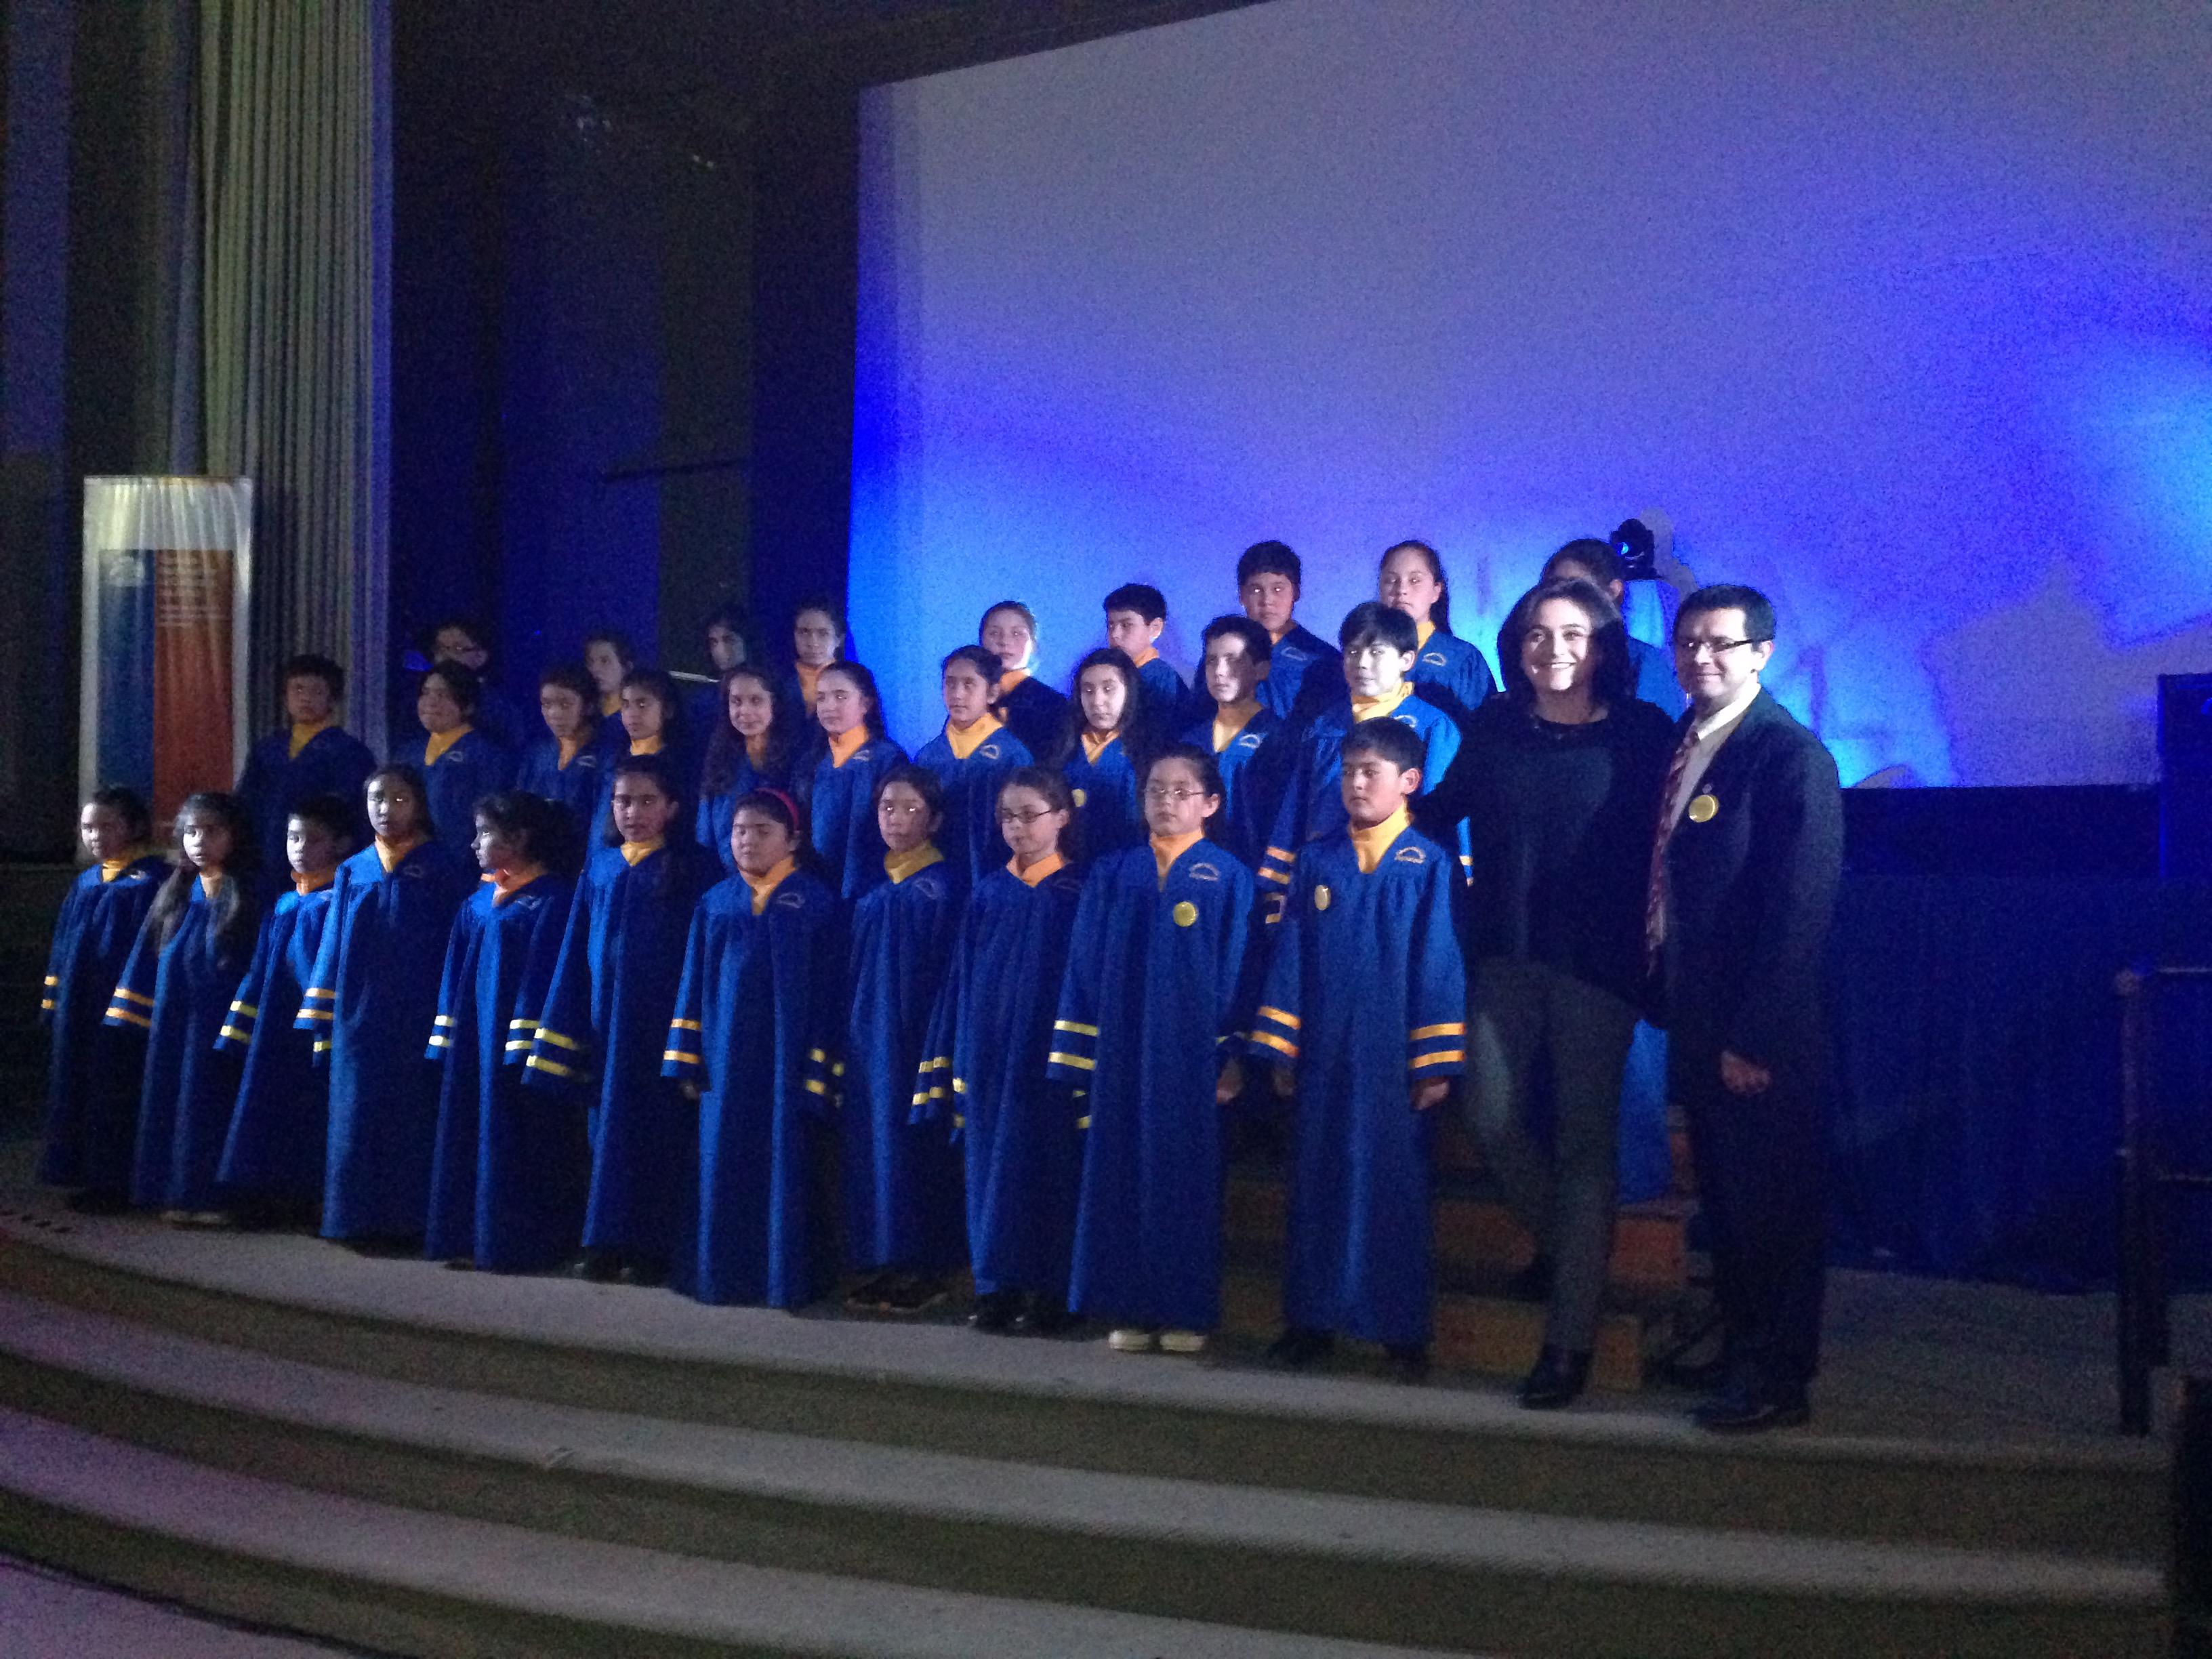 Más de 100 jovenes participaron de la Gala de Artes Musicales